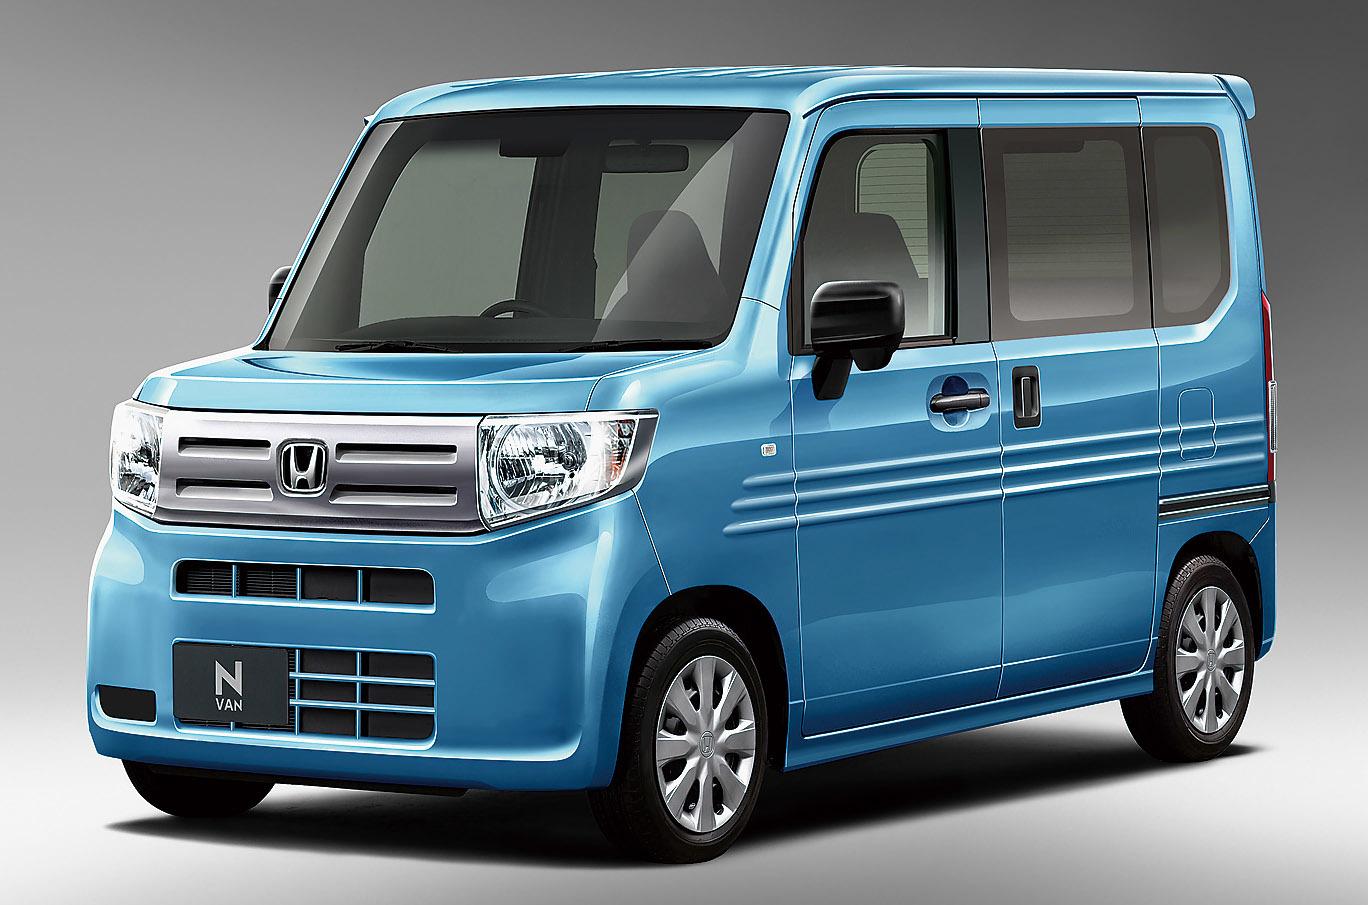 ホンダ新型N-VAN(本誌予想CG)